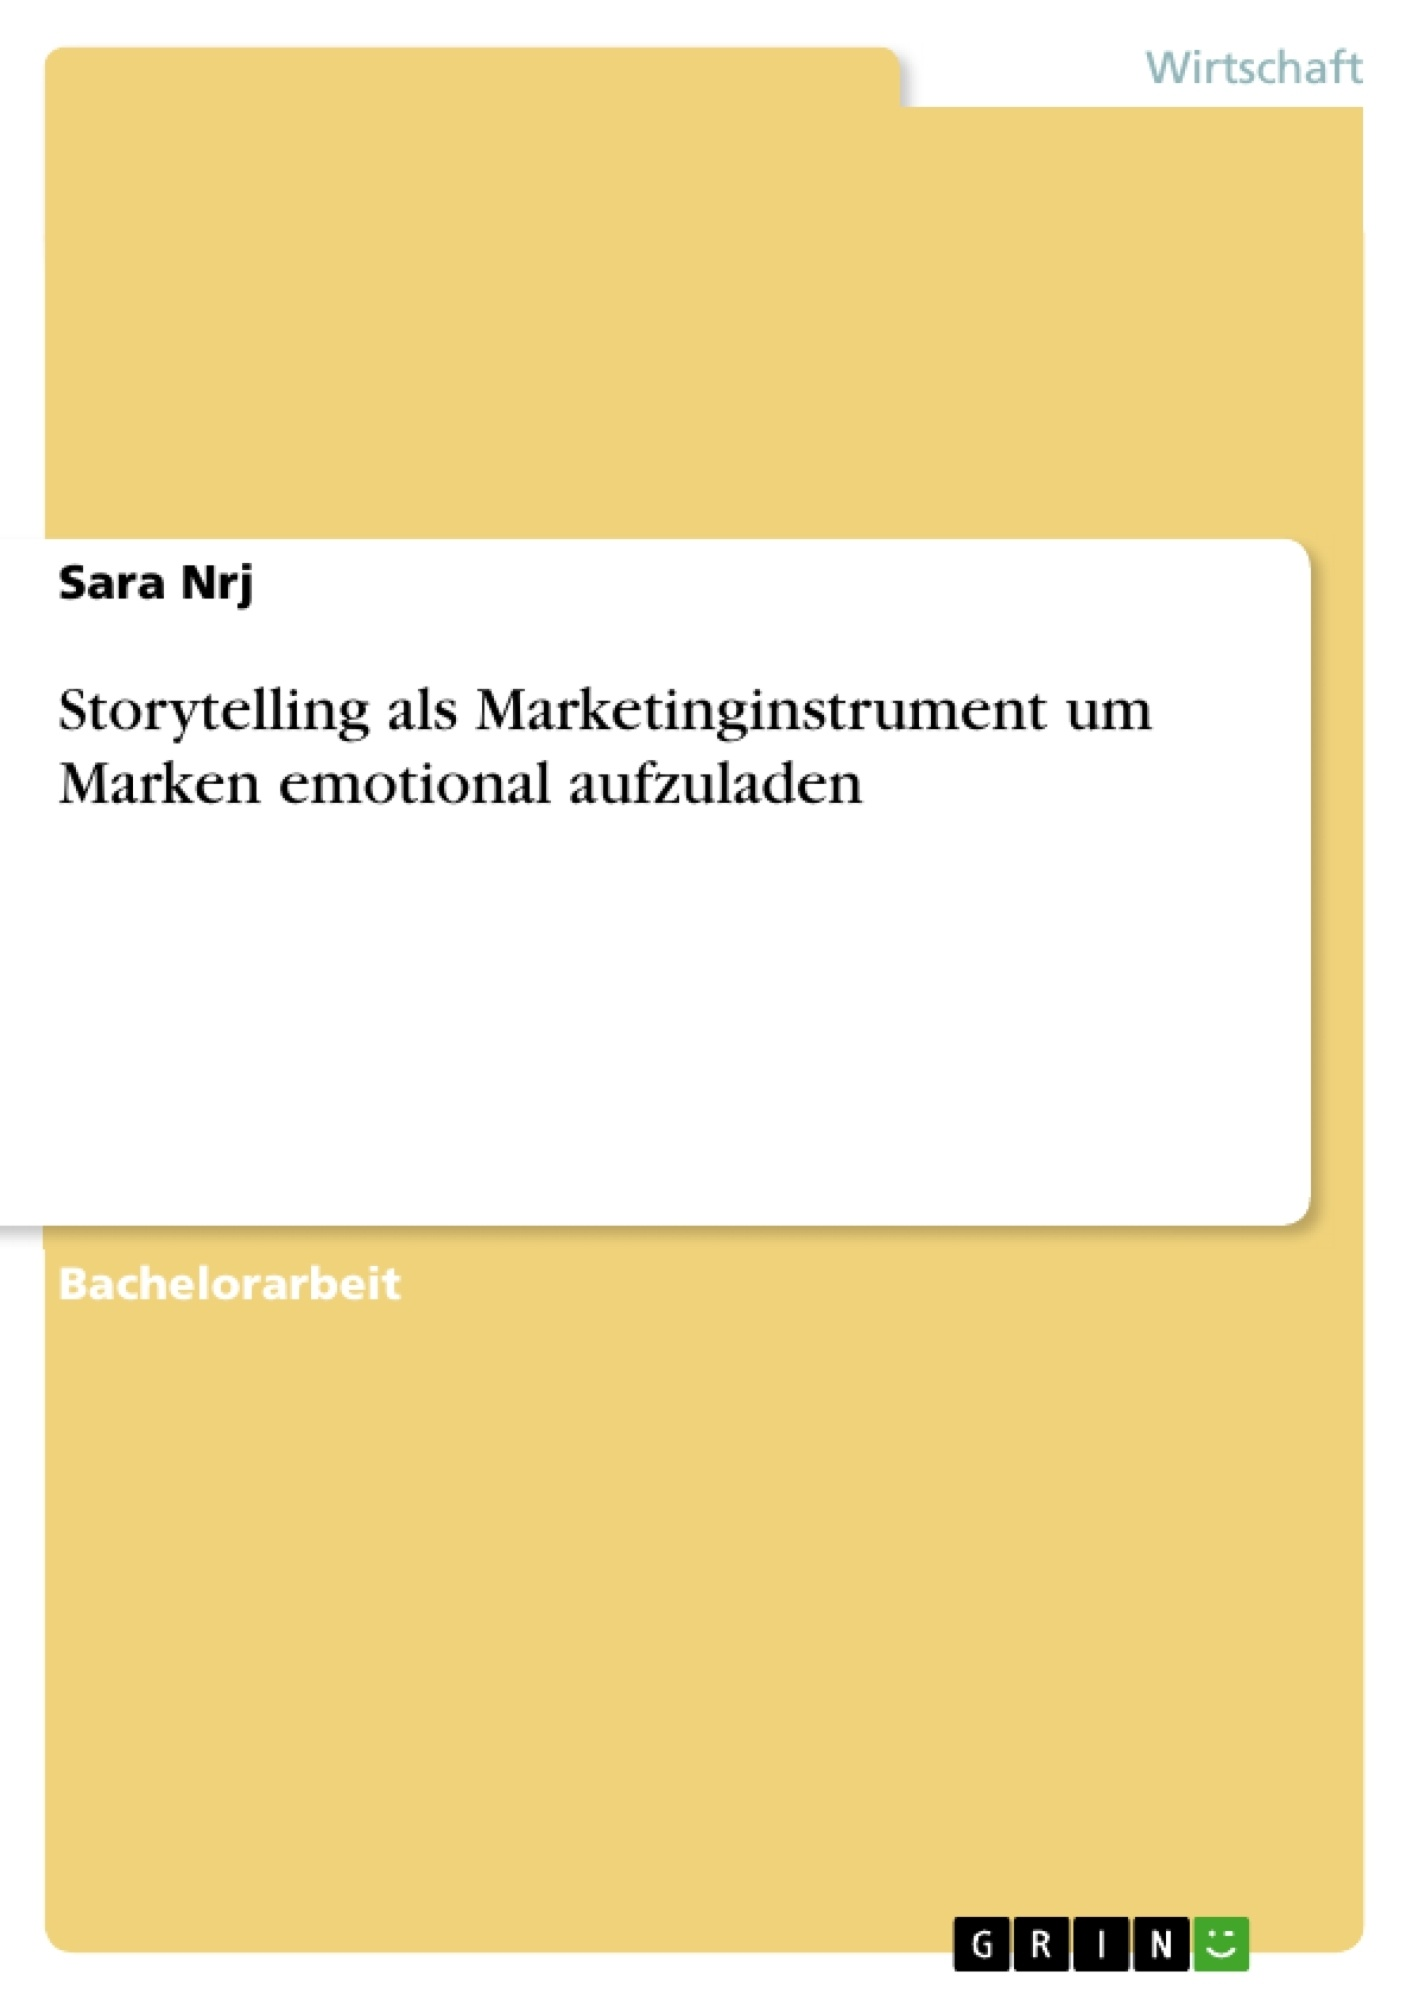 Titel: Storytelling als Marketinginstrument um Marken emotional aufzuladen